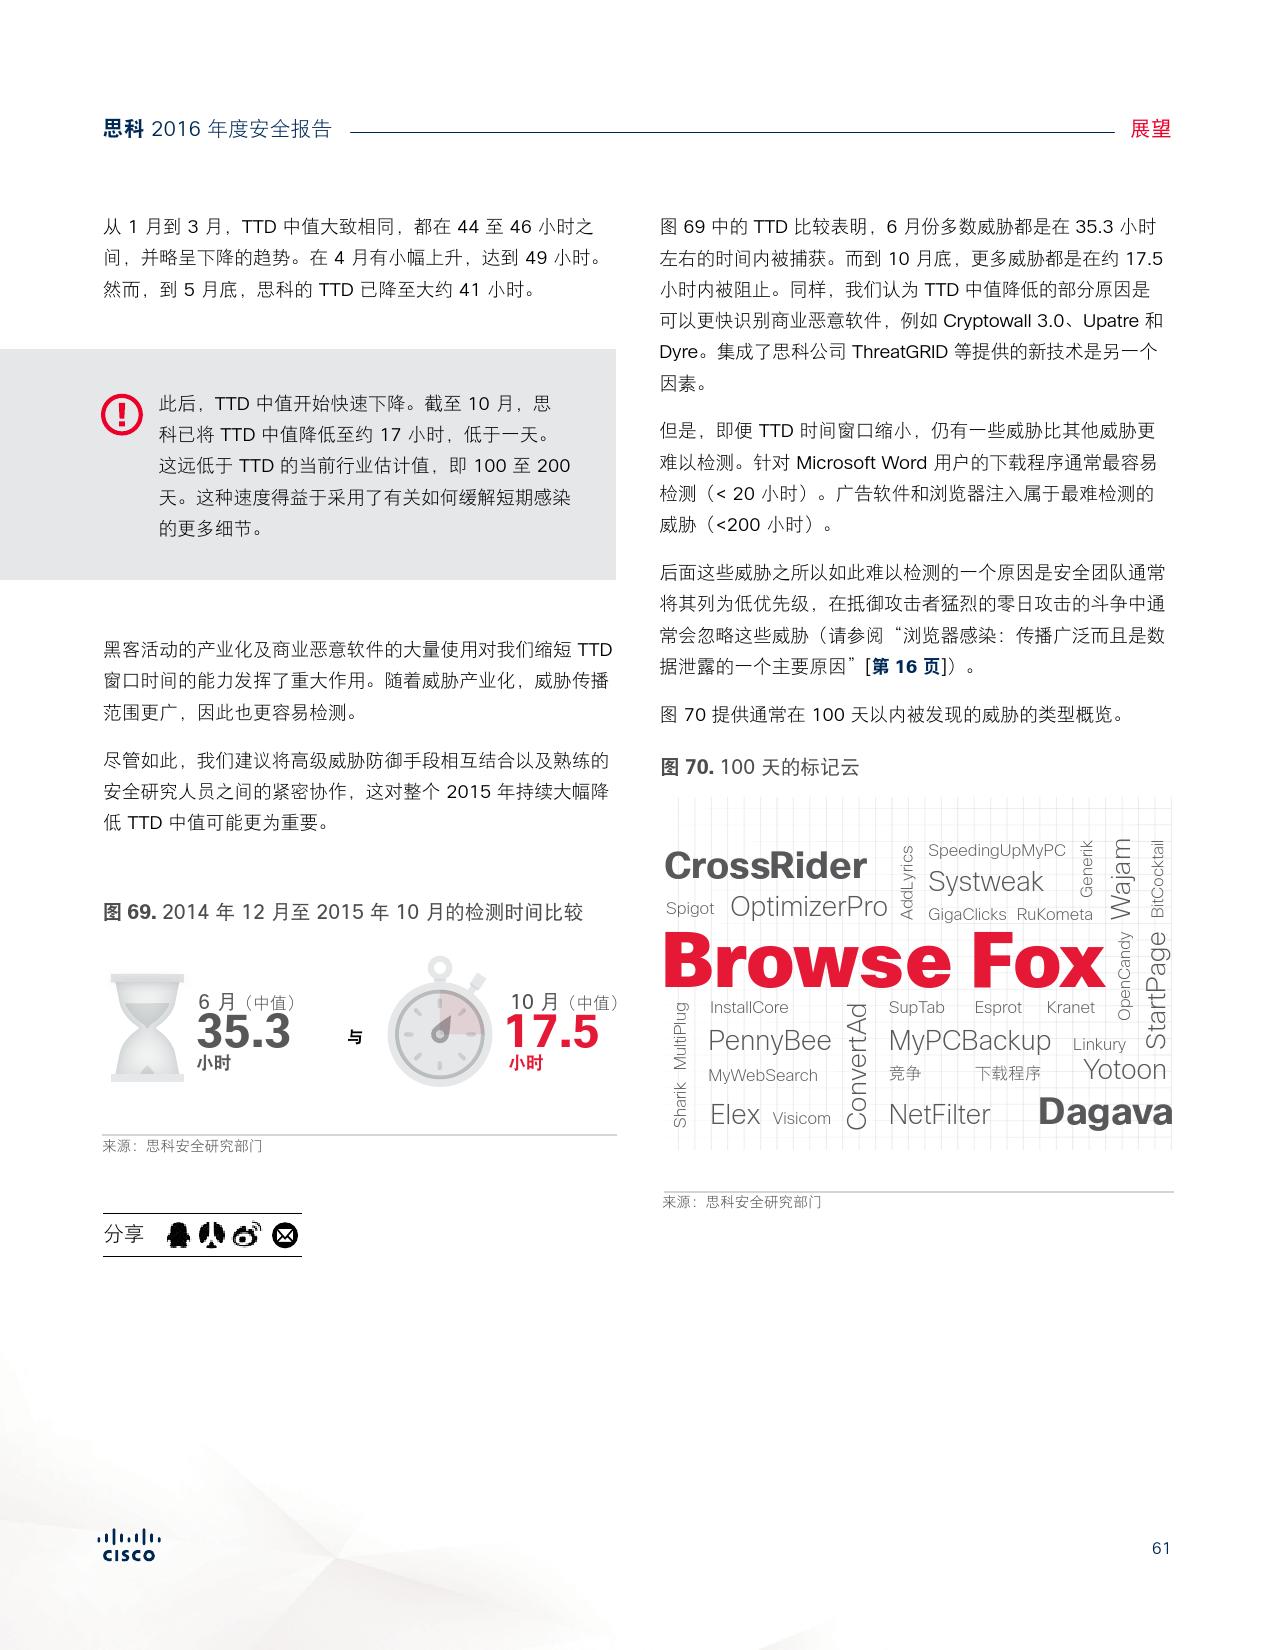 2016年中网络安全报告_000061